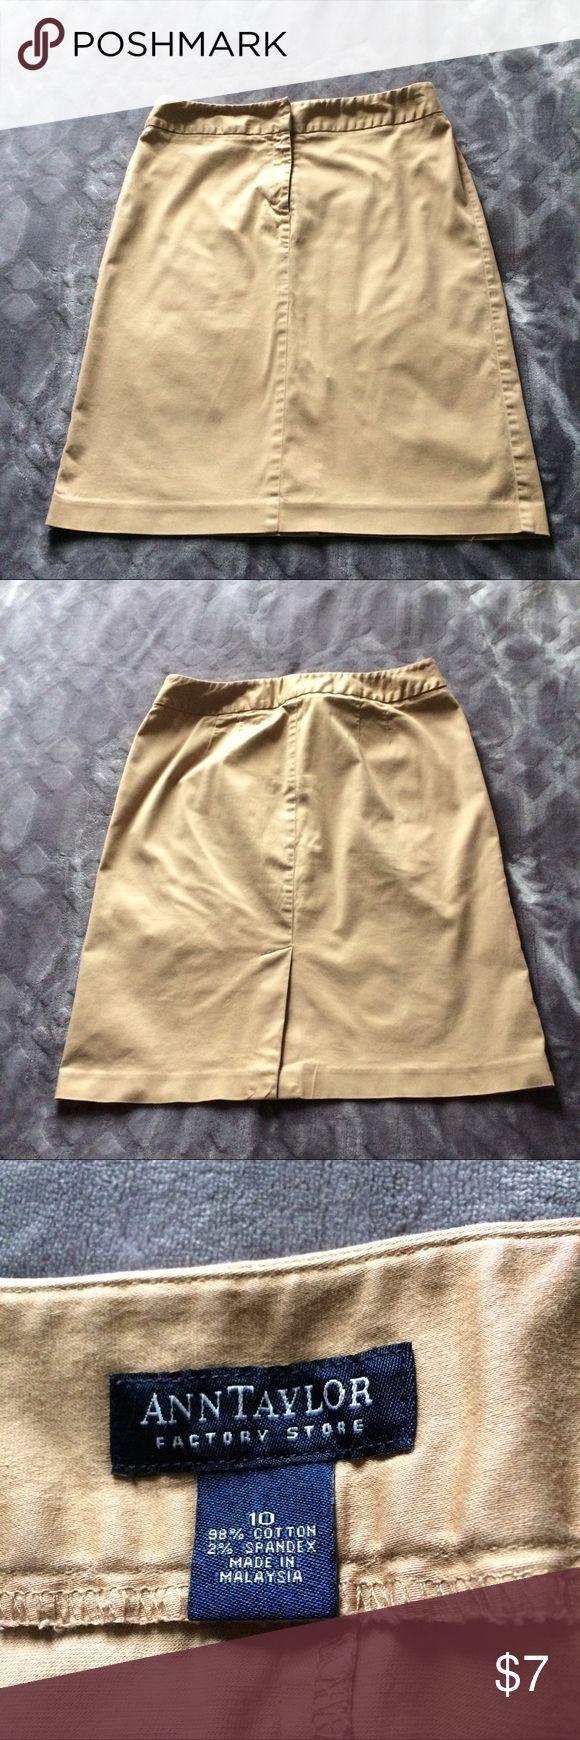 Classic khaki pencil skirt Khaki pencil skirt. Small back vent. Ann Taylor Skirts Pencil